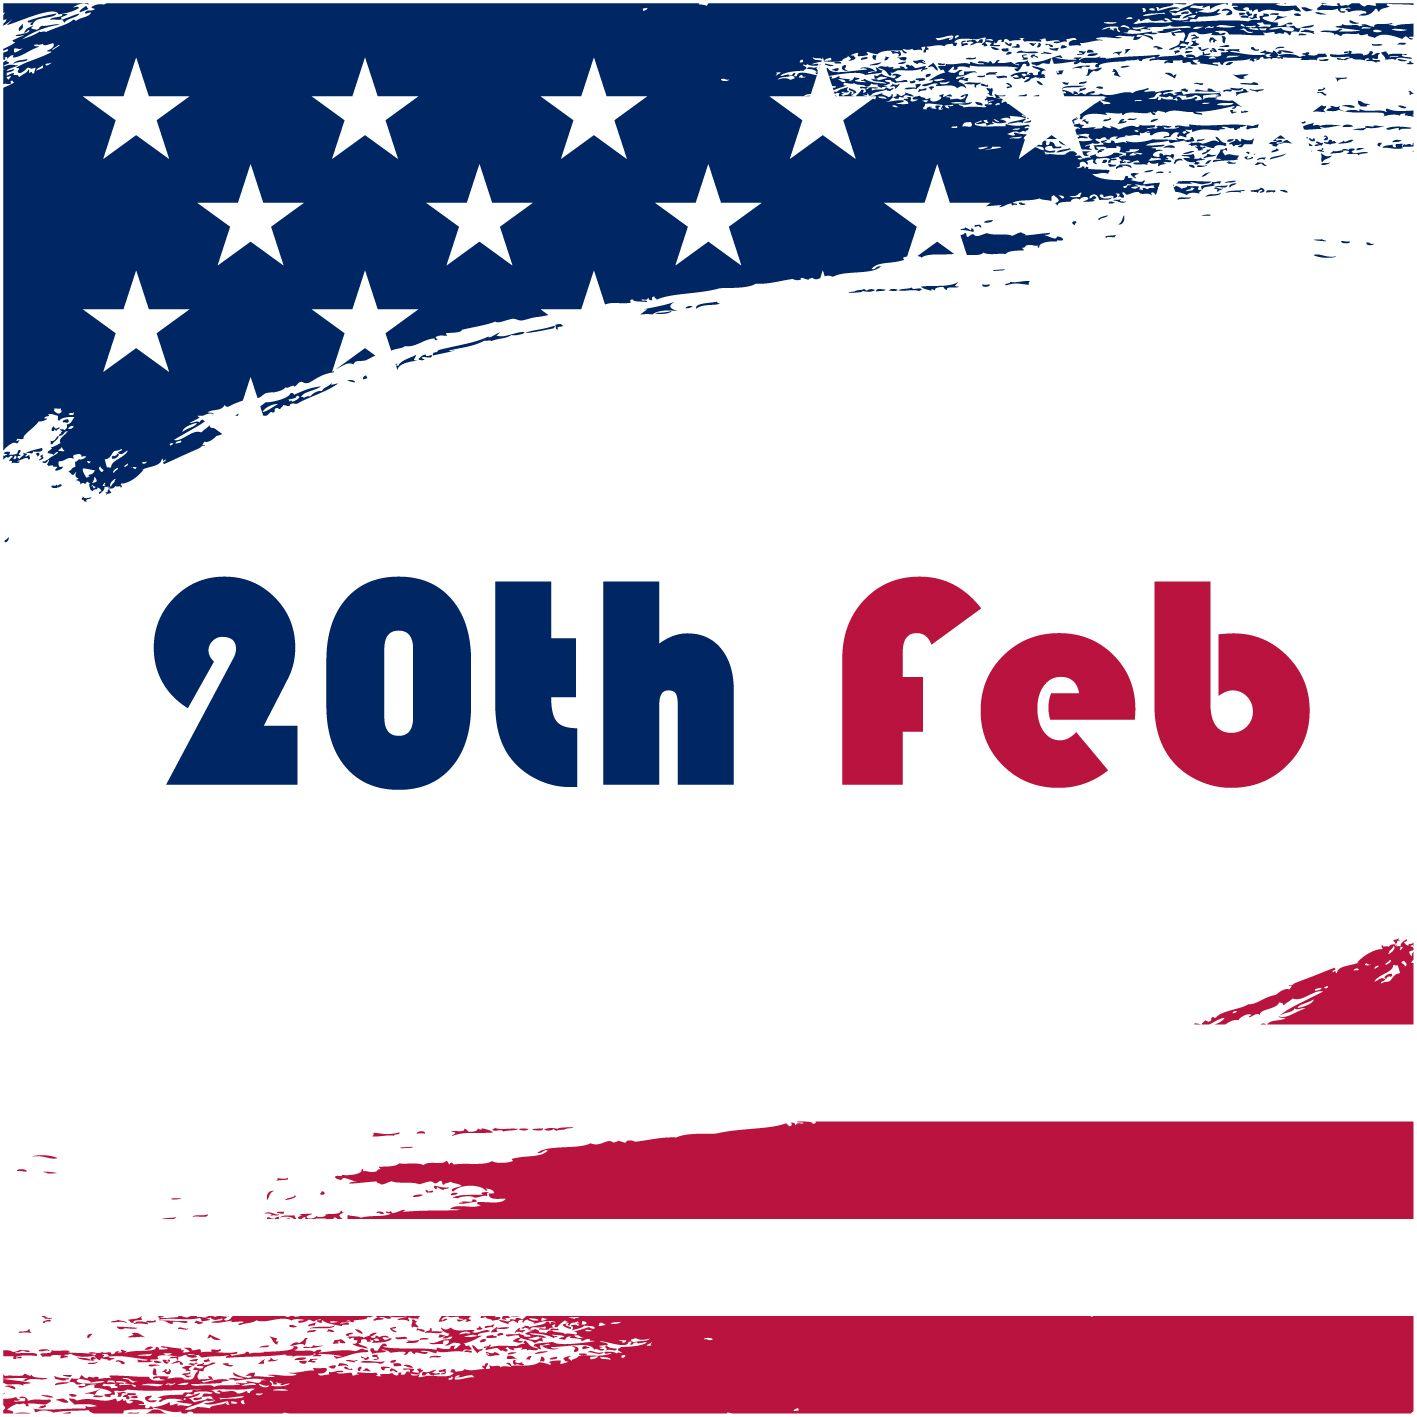 美国总统日(2月20日)商品和指数交易的变化